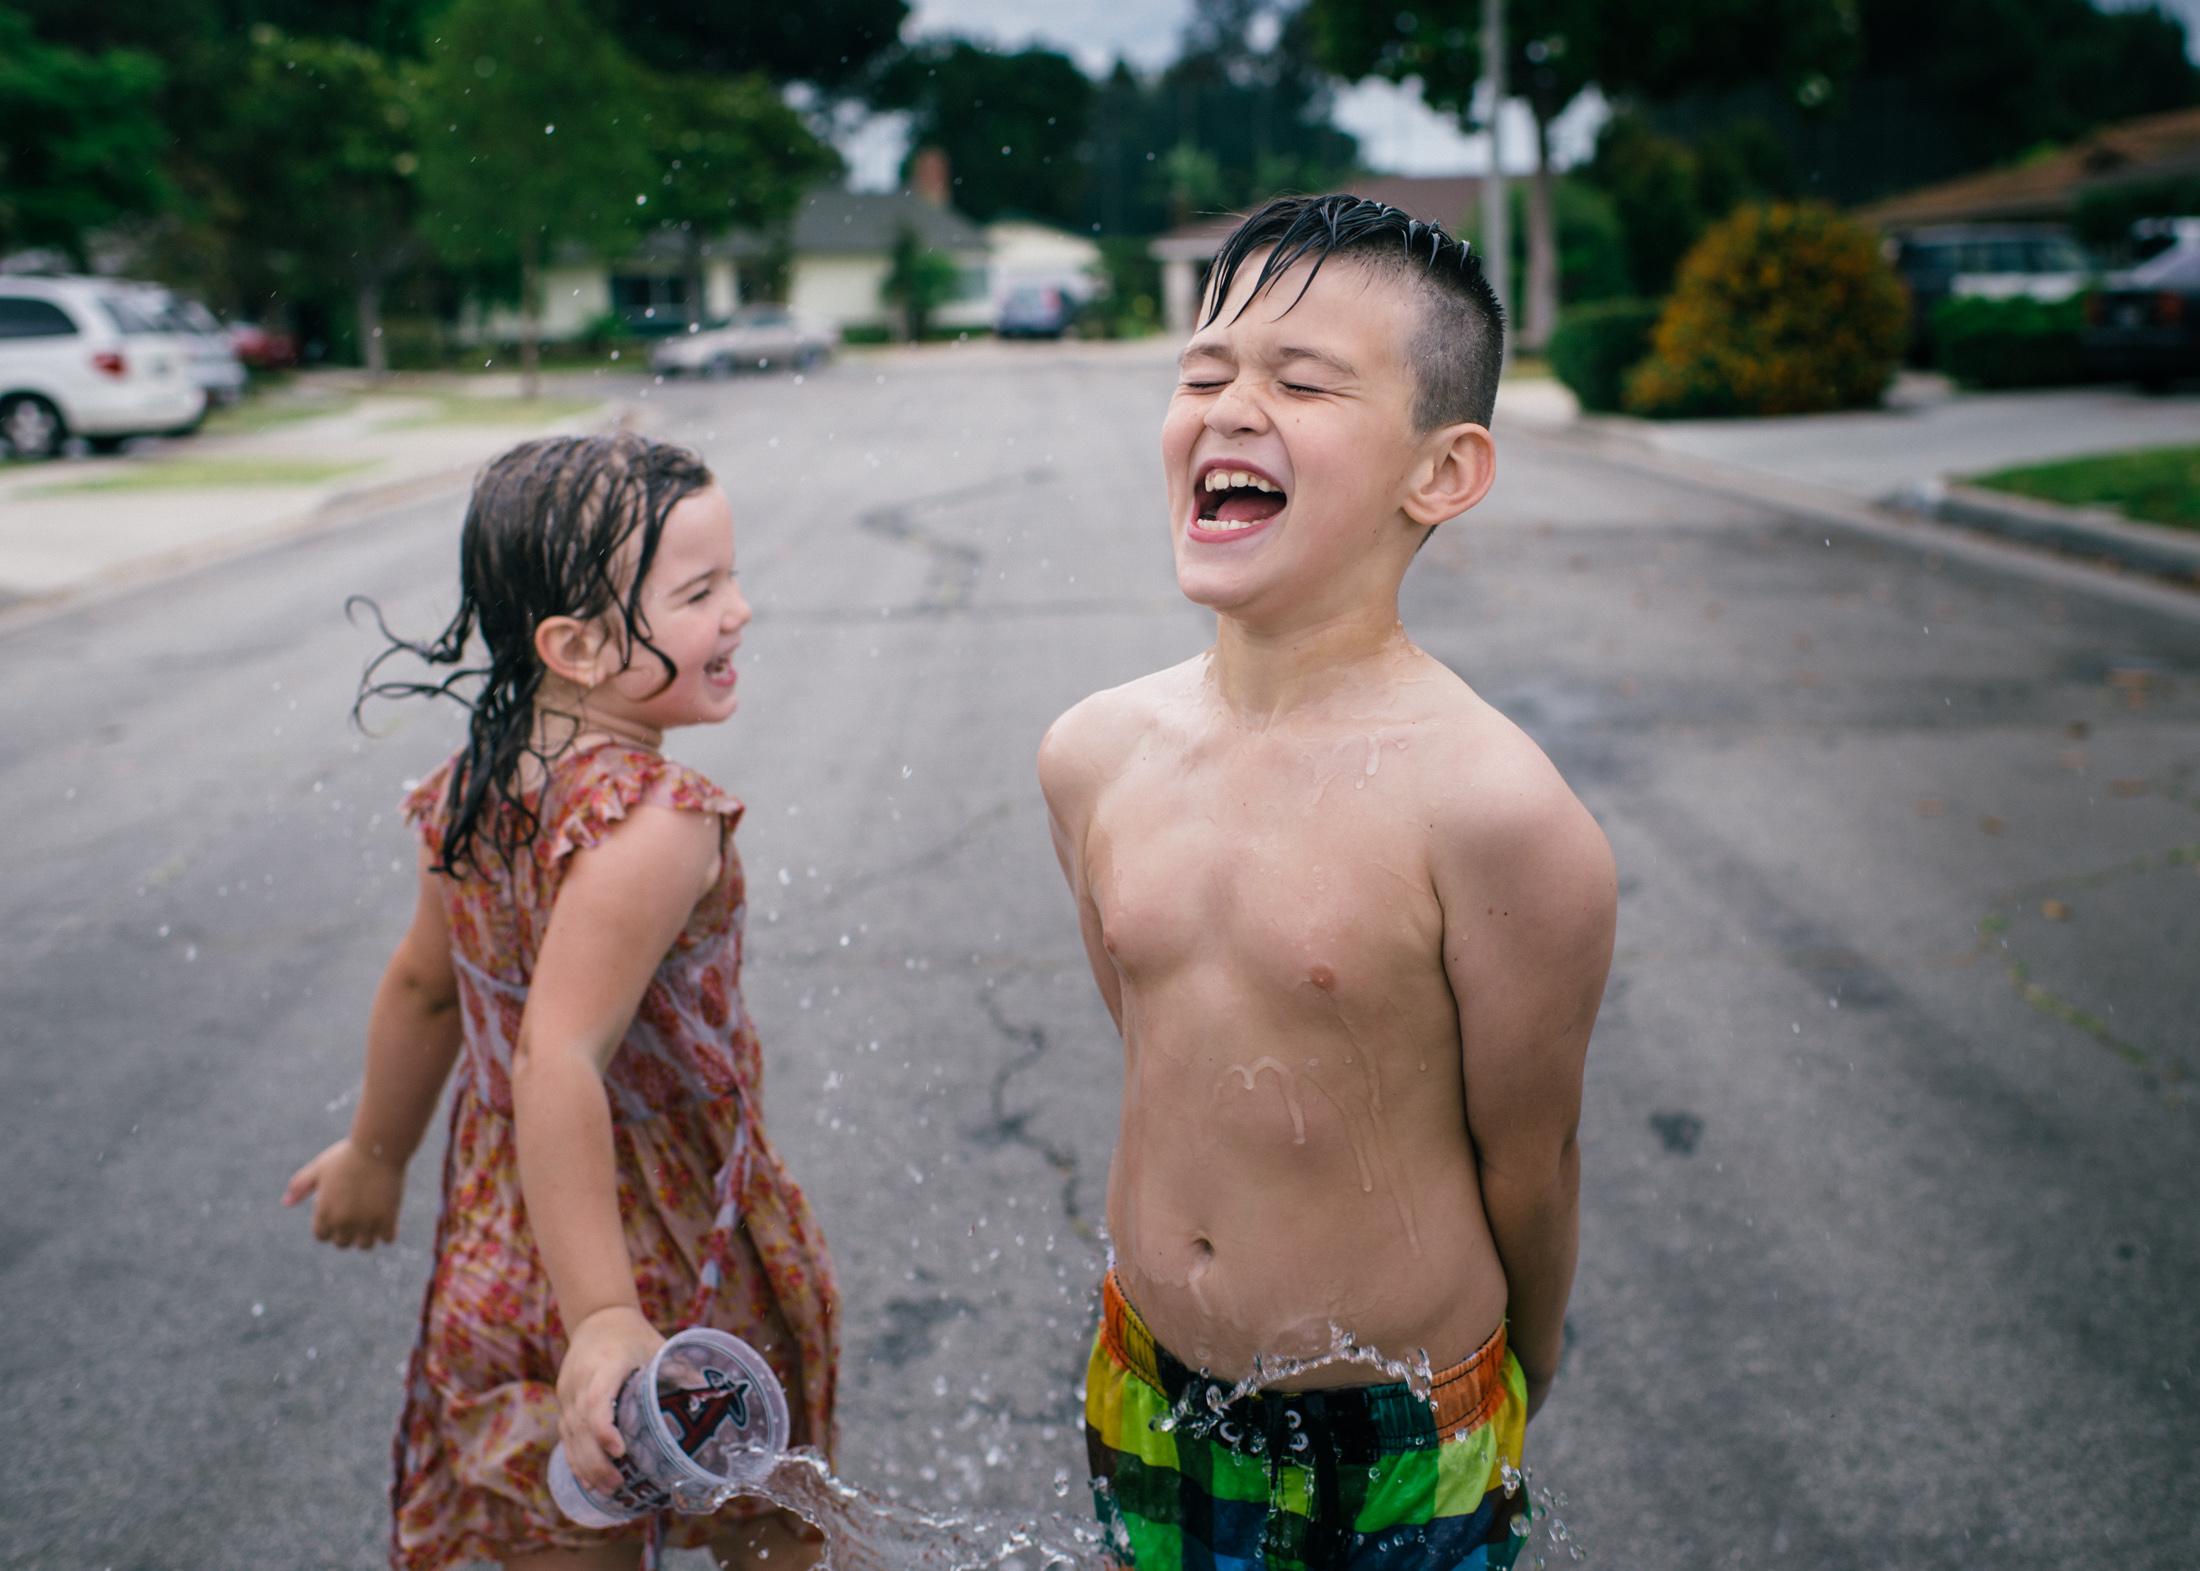 Niños jugando con agua - 2200x1571